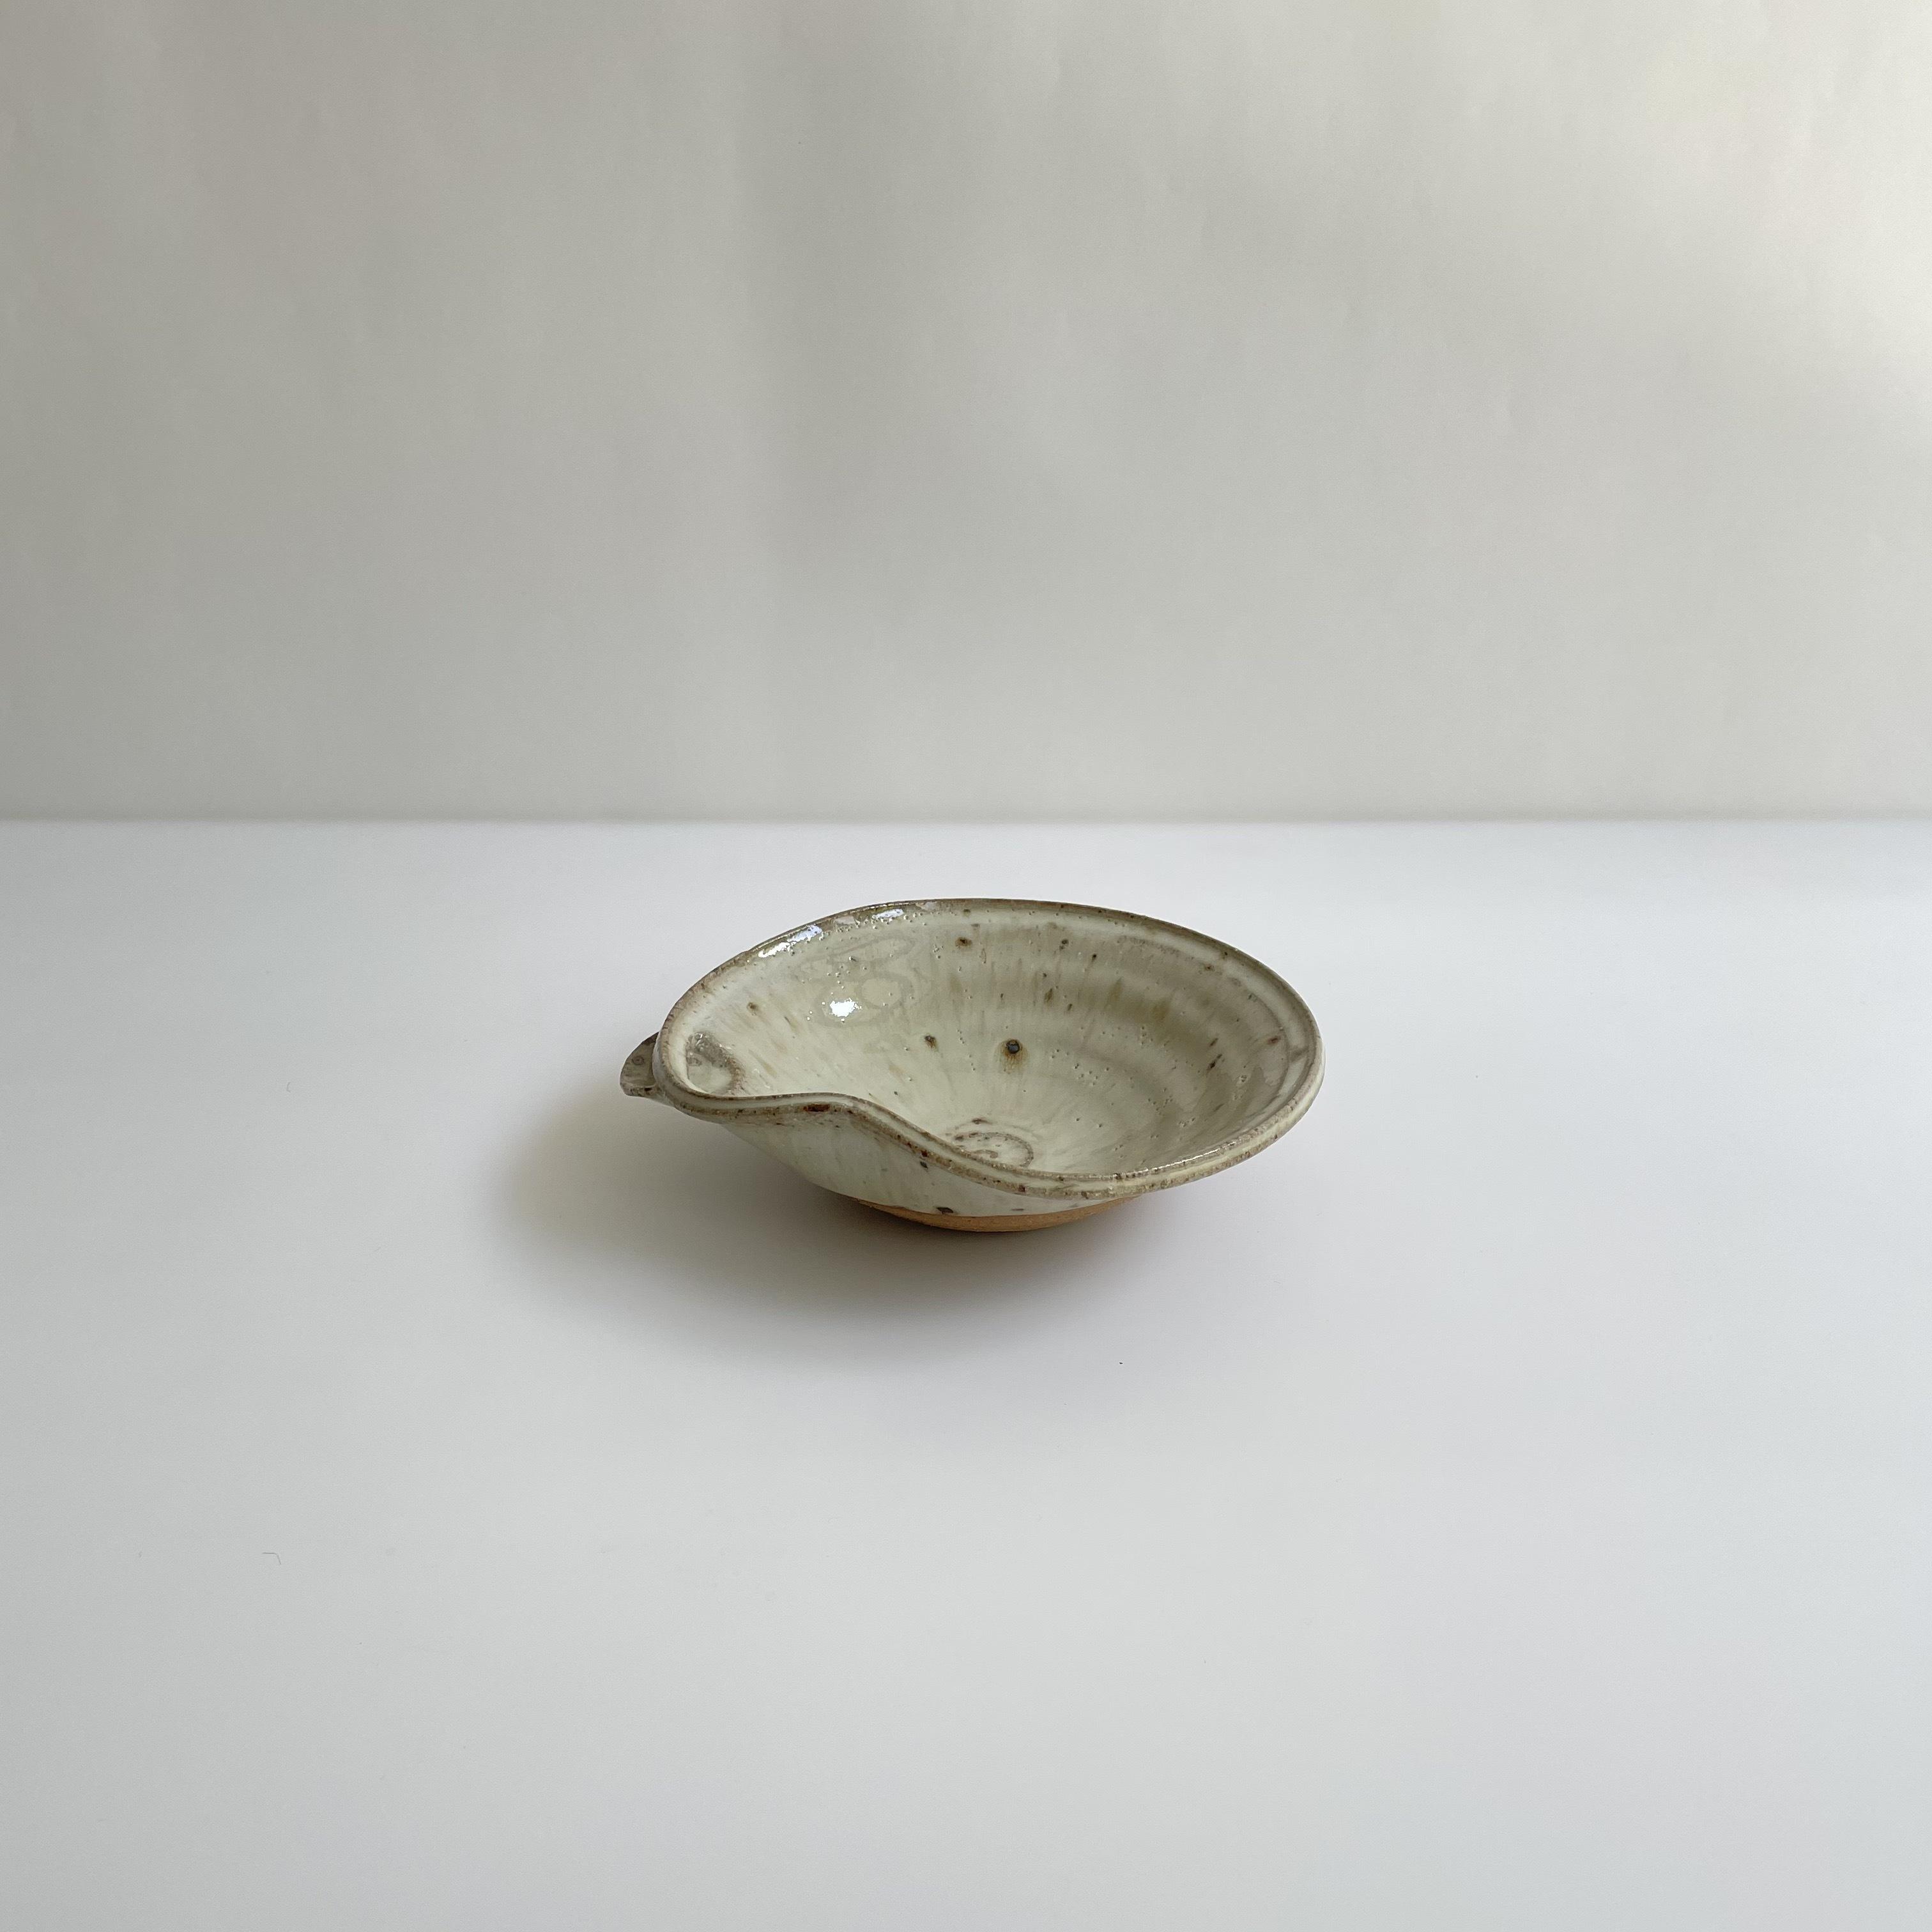 塩鶴るりこ     斑唐津 片口鉢